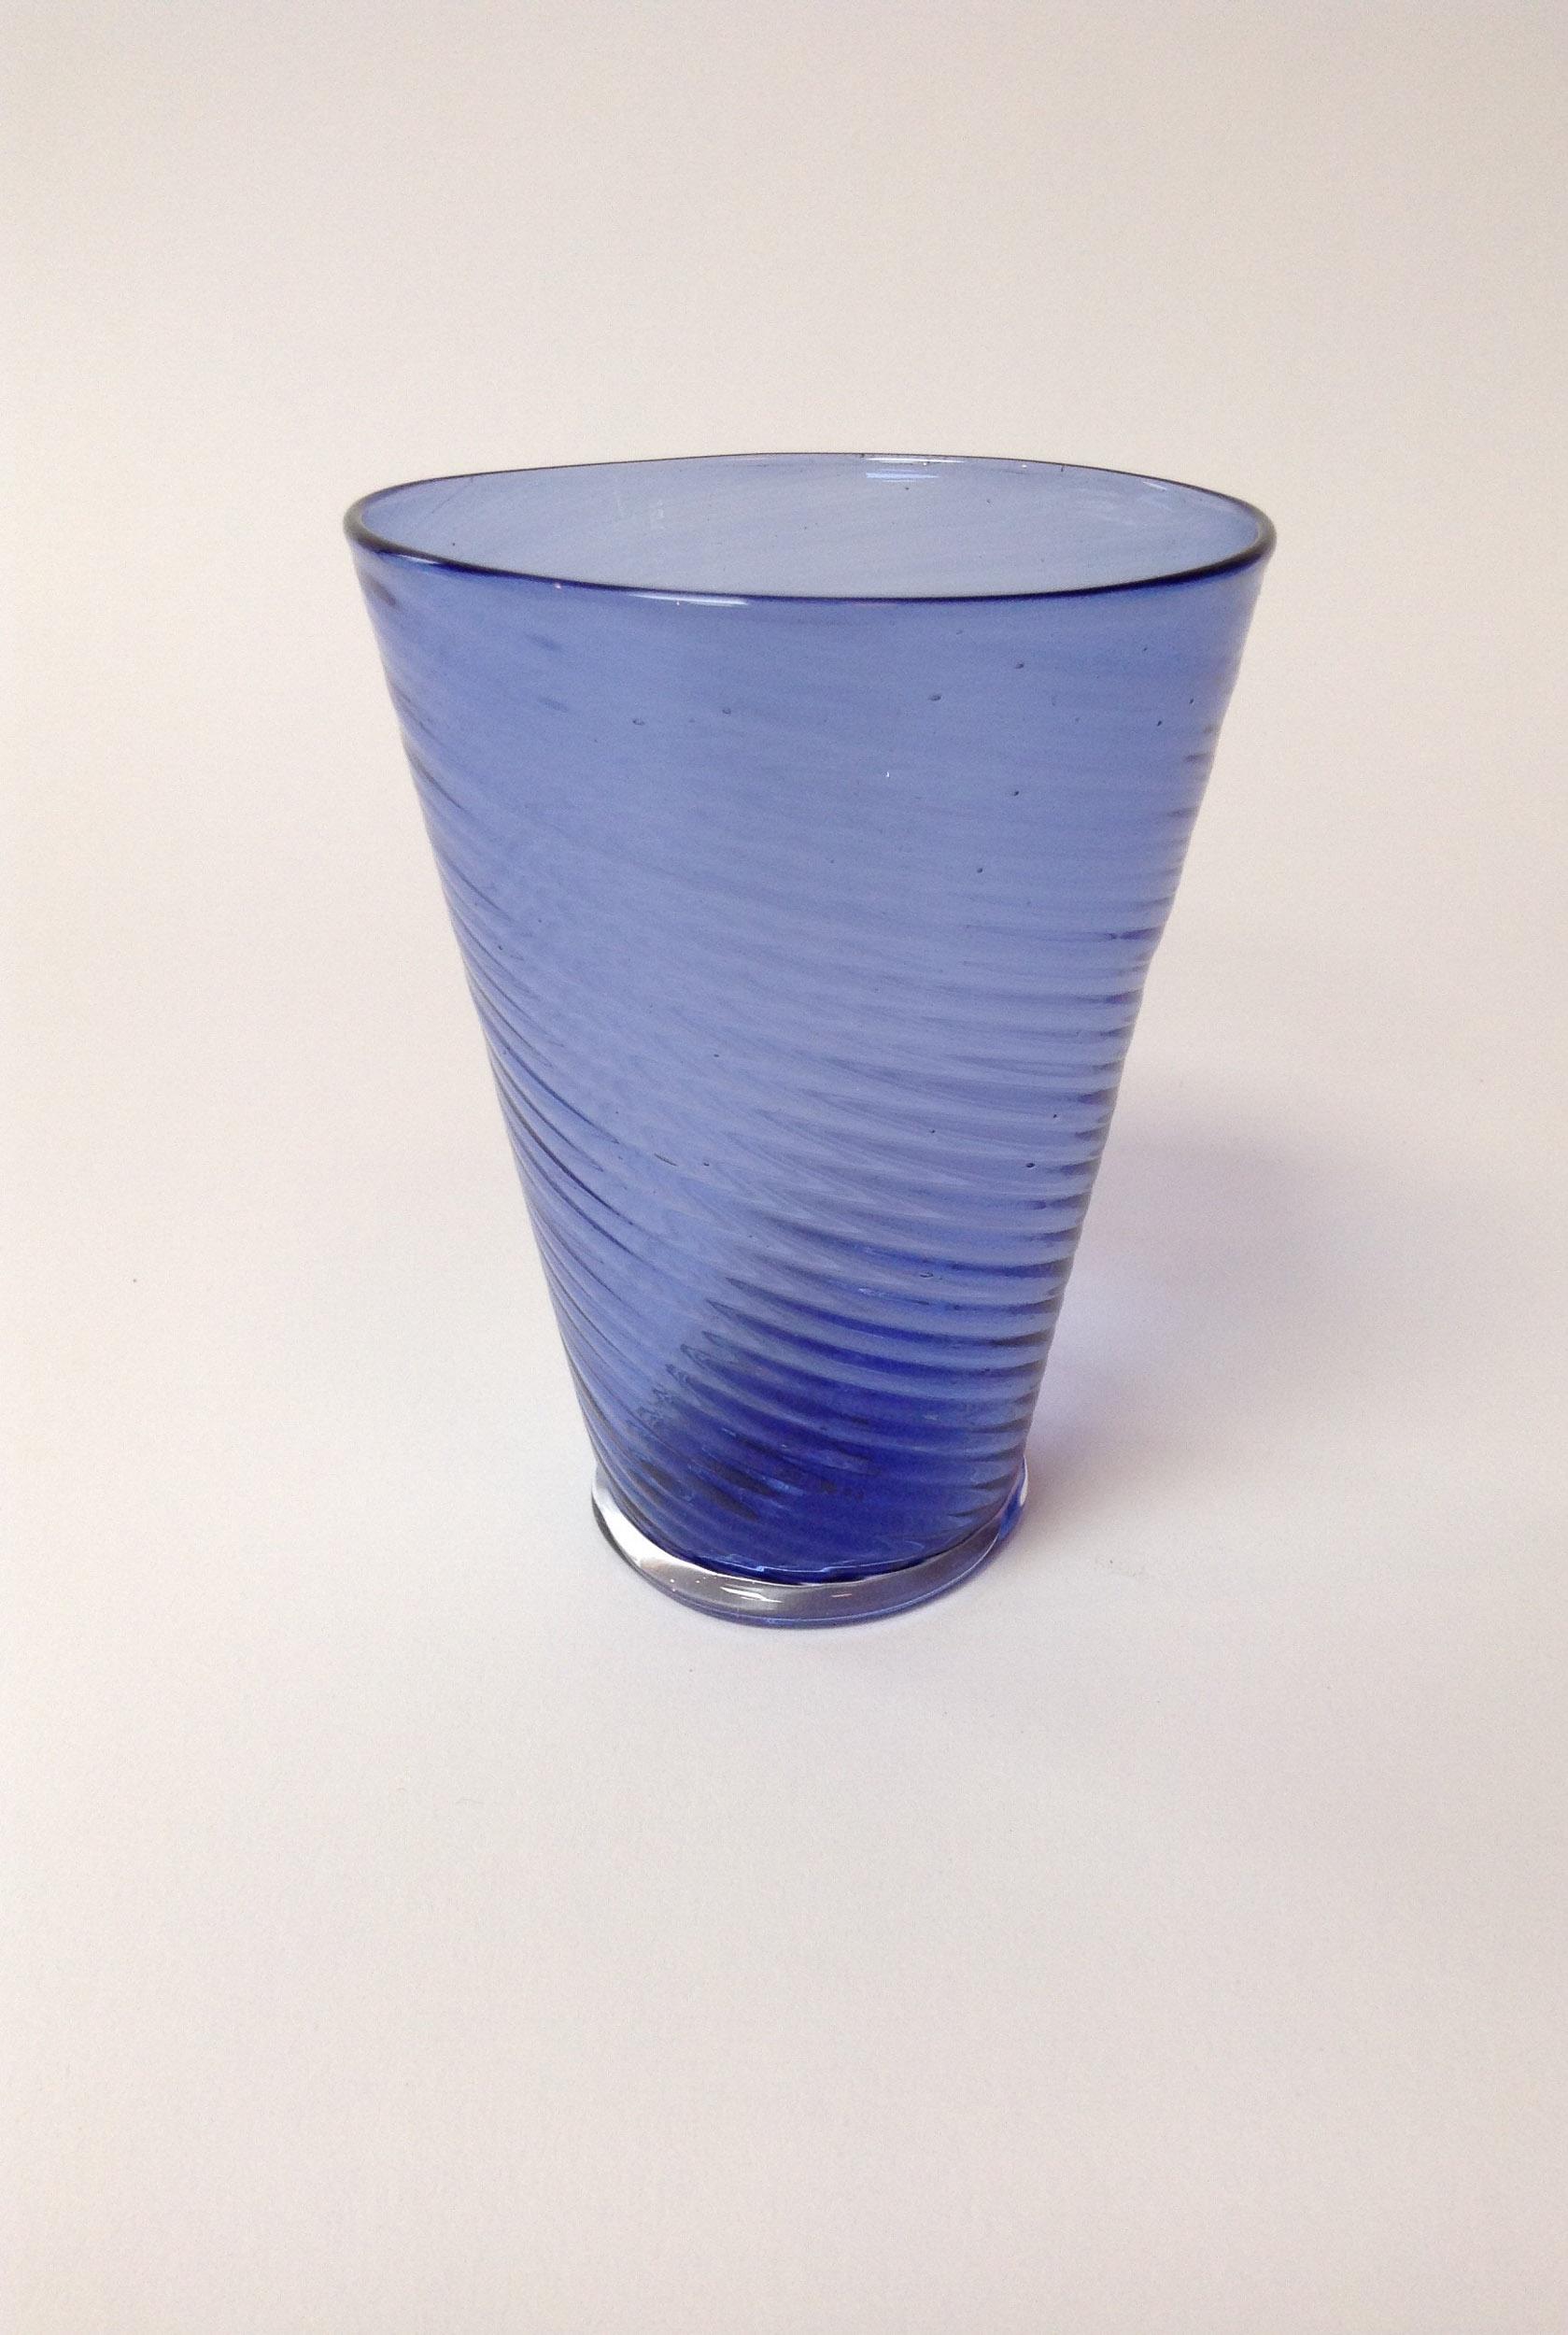 Olive-Glass_Italian-Art-Glass_Corrie-Haight_Lark-Dalton-20170325-8.jpg